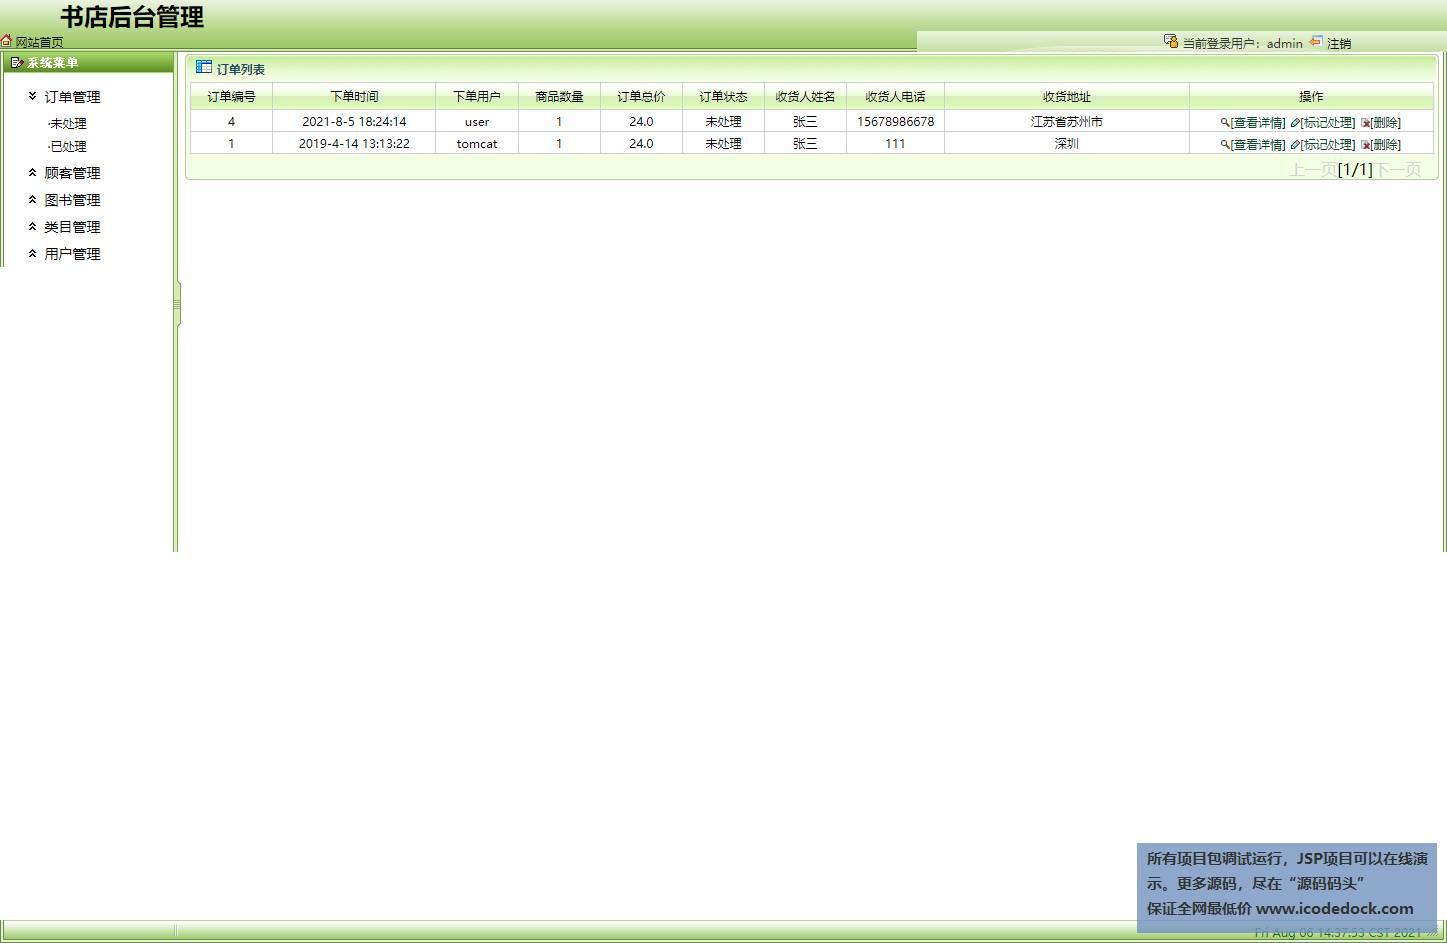 源码码头-SSH实现一个图书销售商场项目网站-管理员角色-订单管理